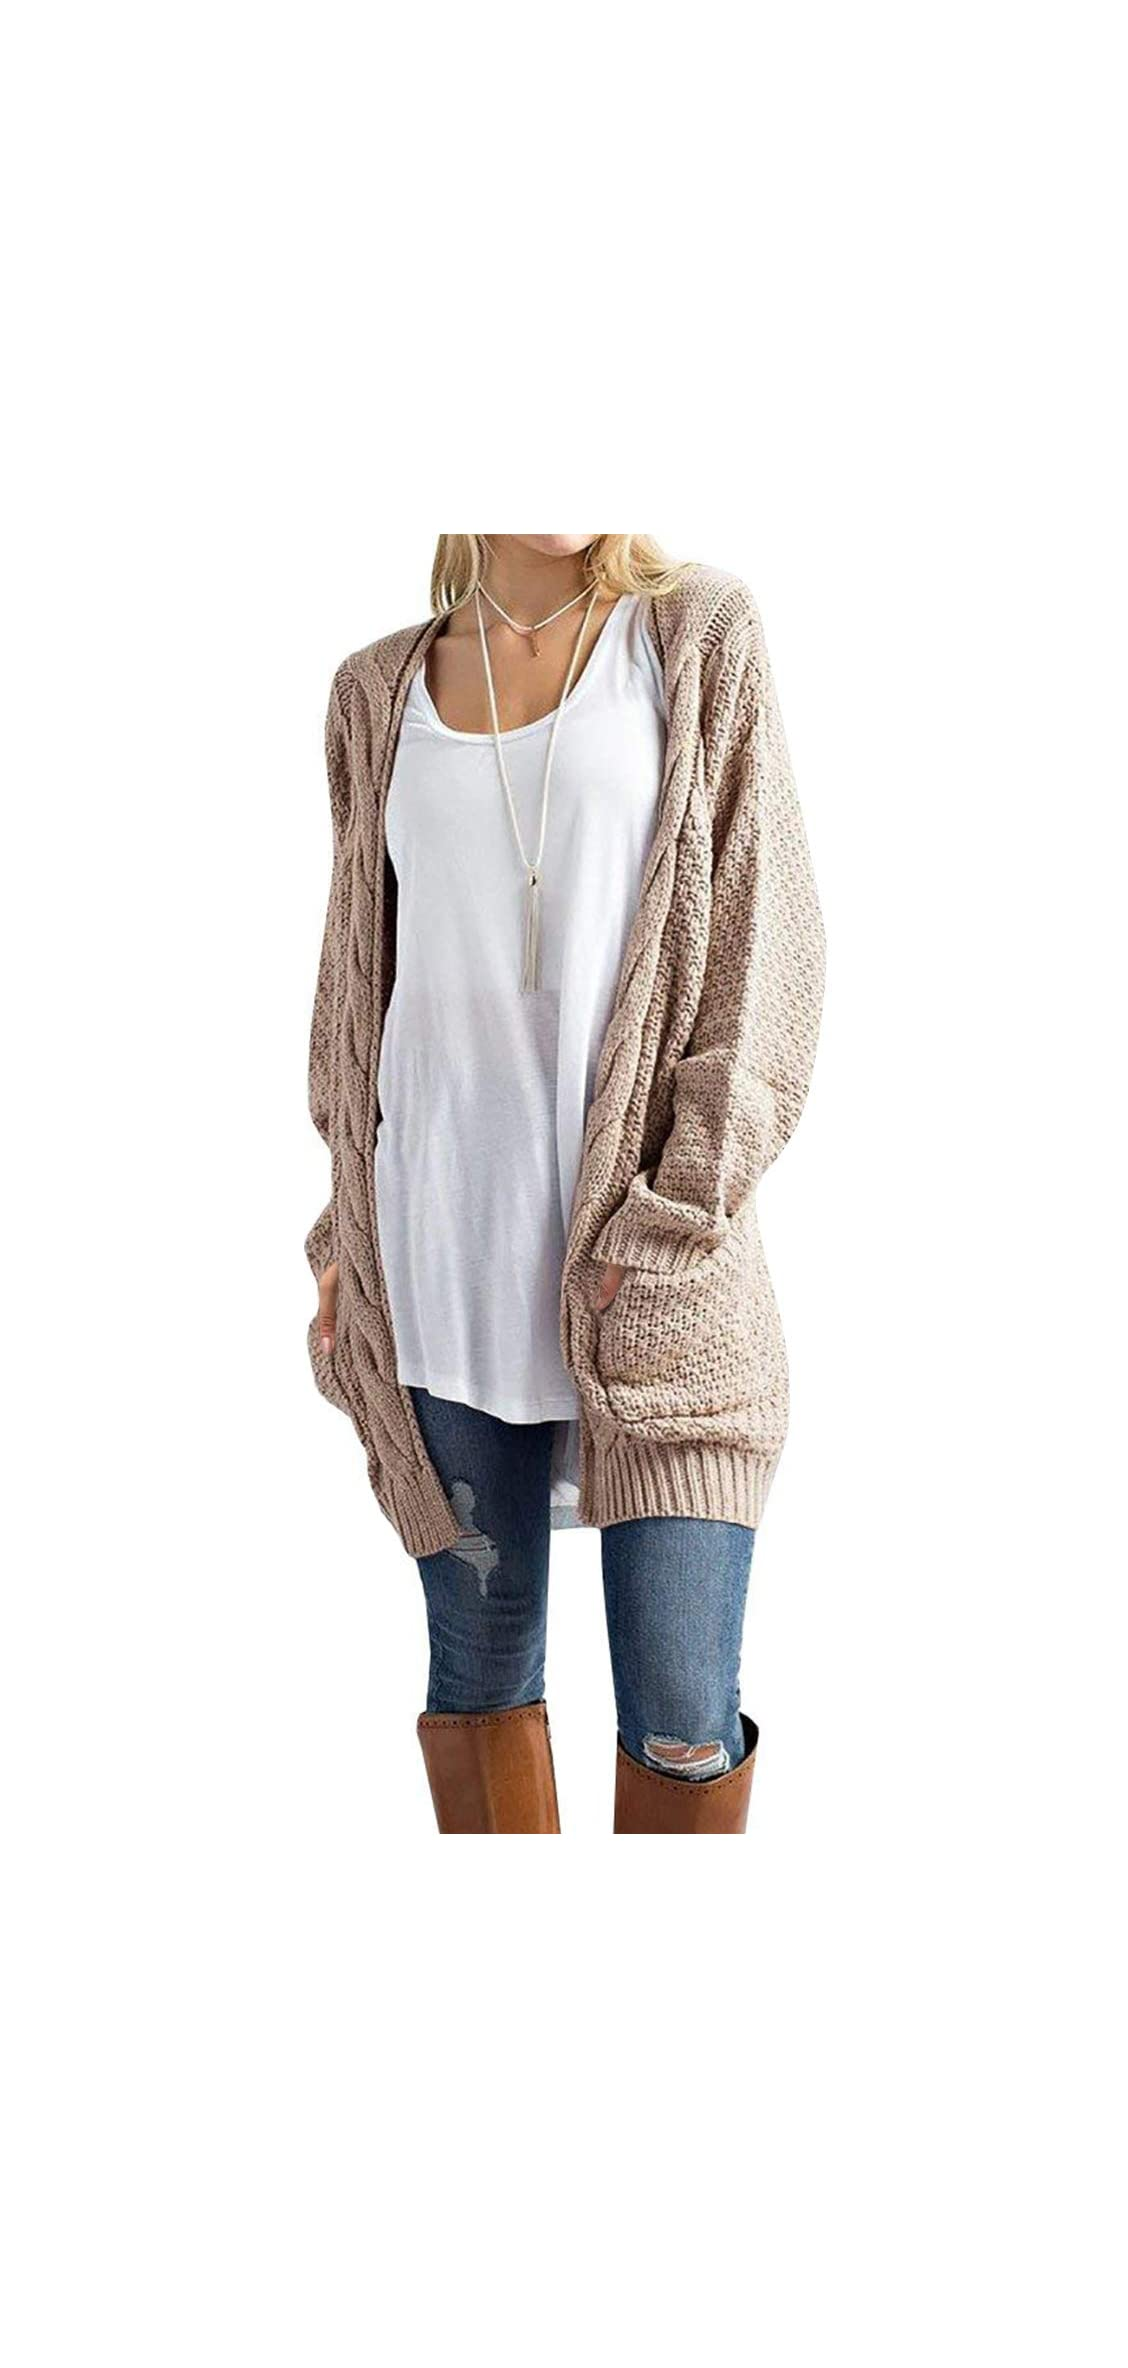 Women's Open Front Long Sleeve Boho Boyfriend Knit